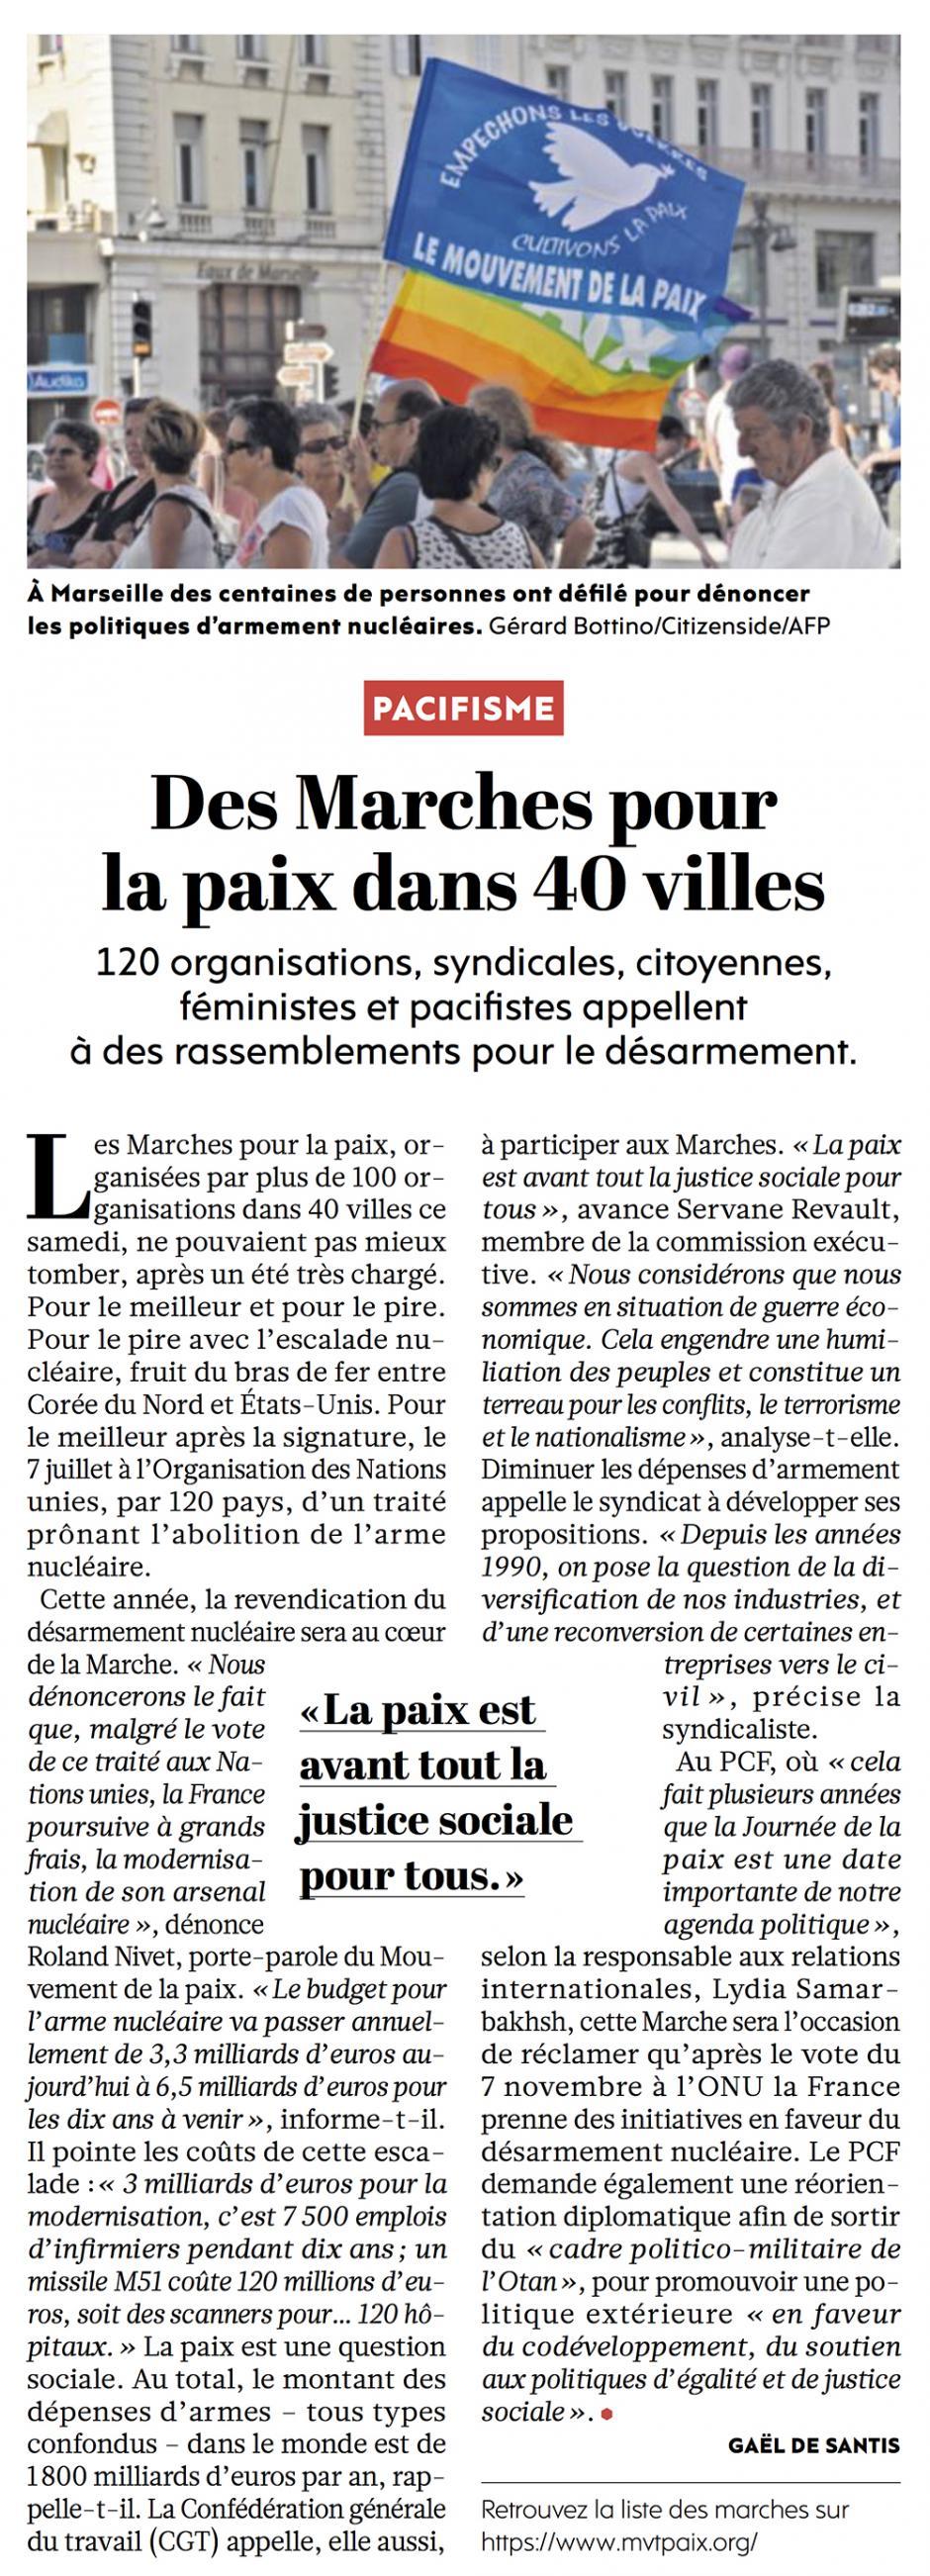 20170922-L'Huma-France-Des Marches pour la paix dans 40 villes